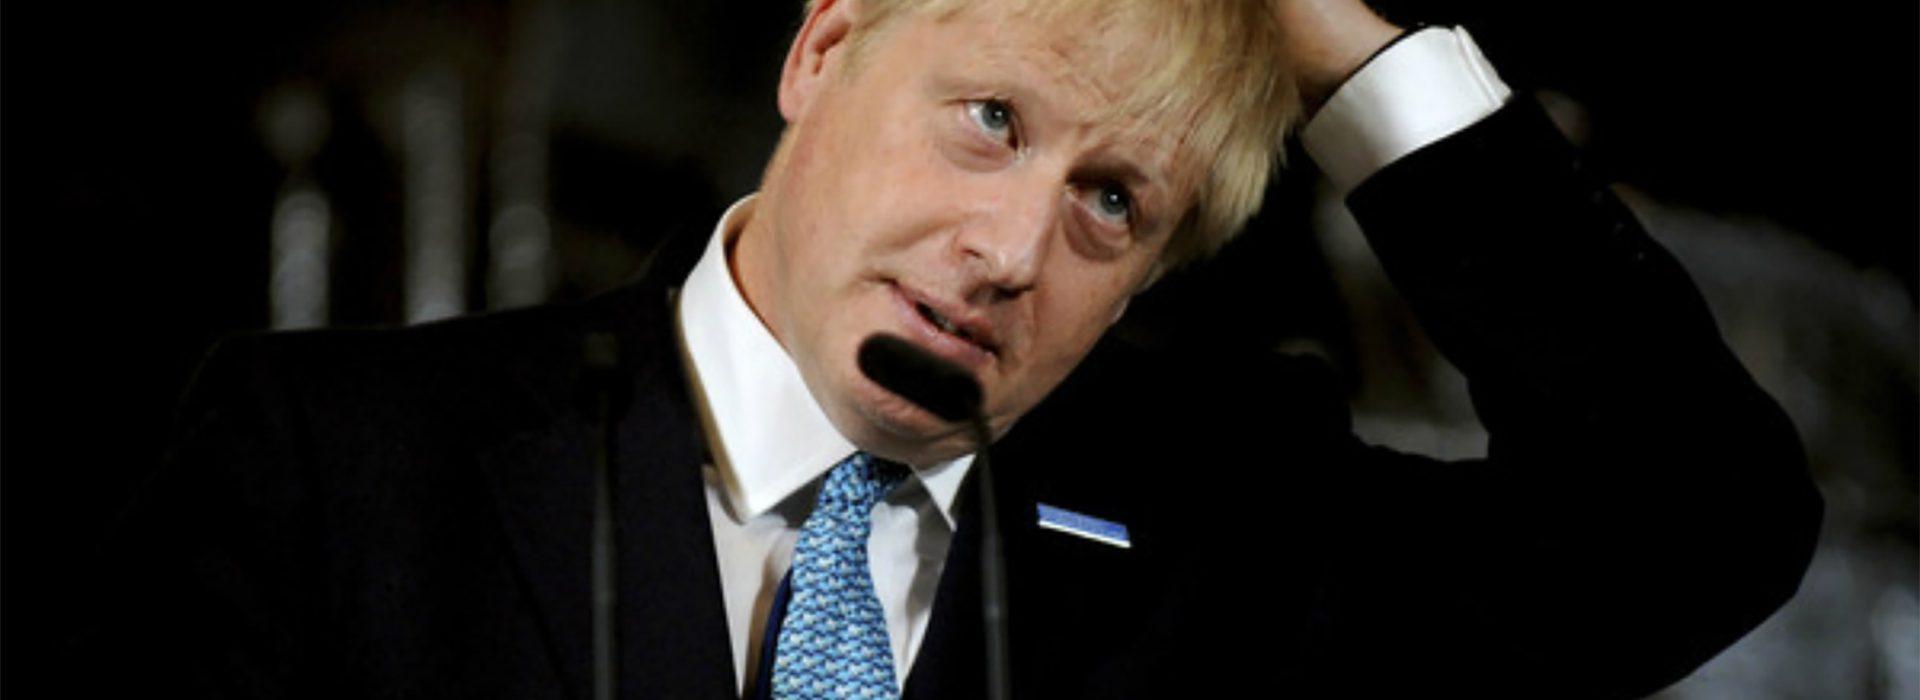 FM Boris